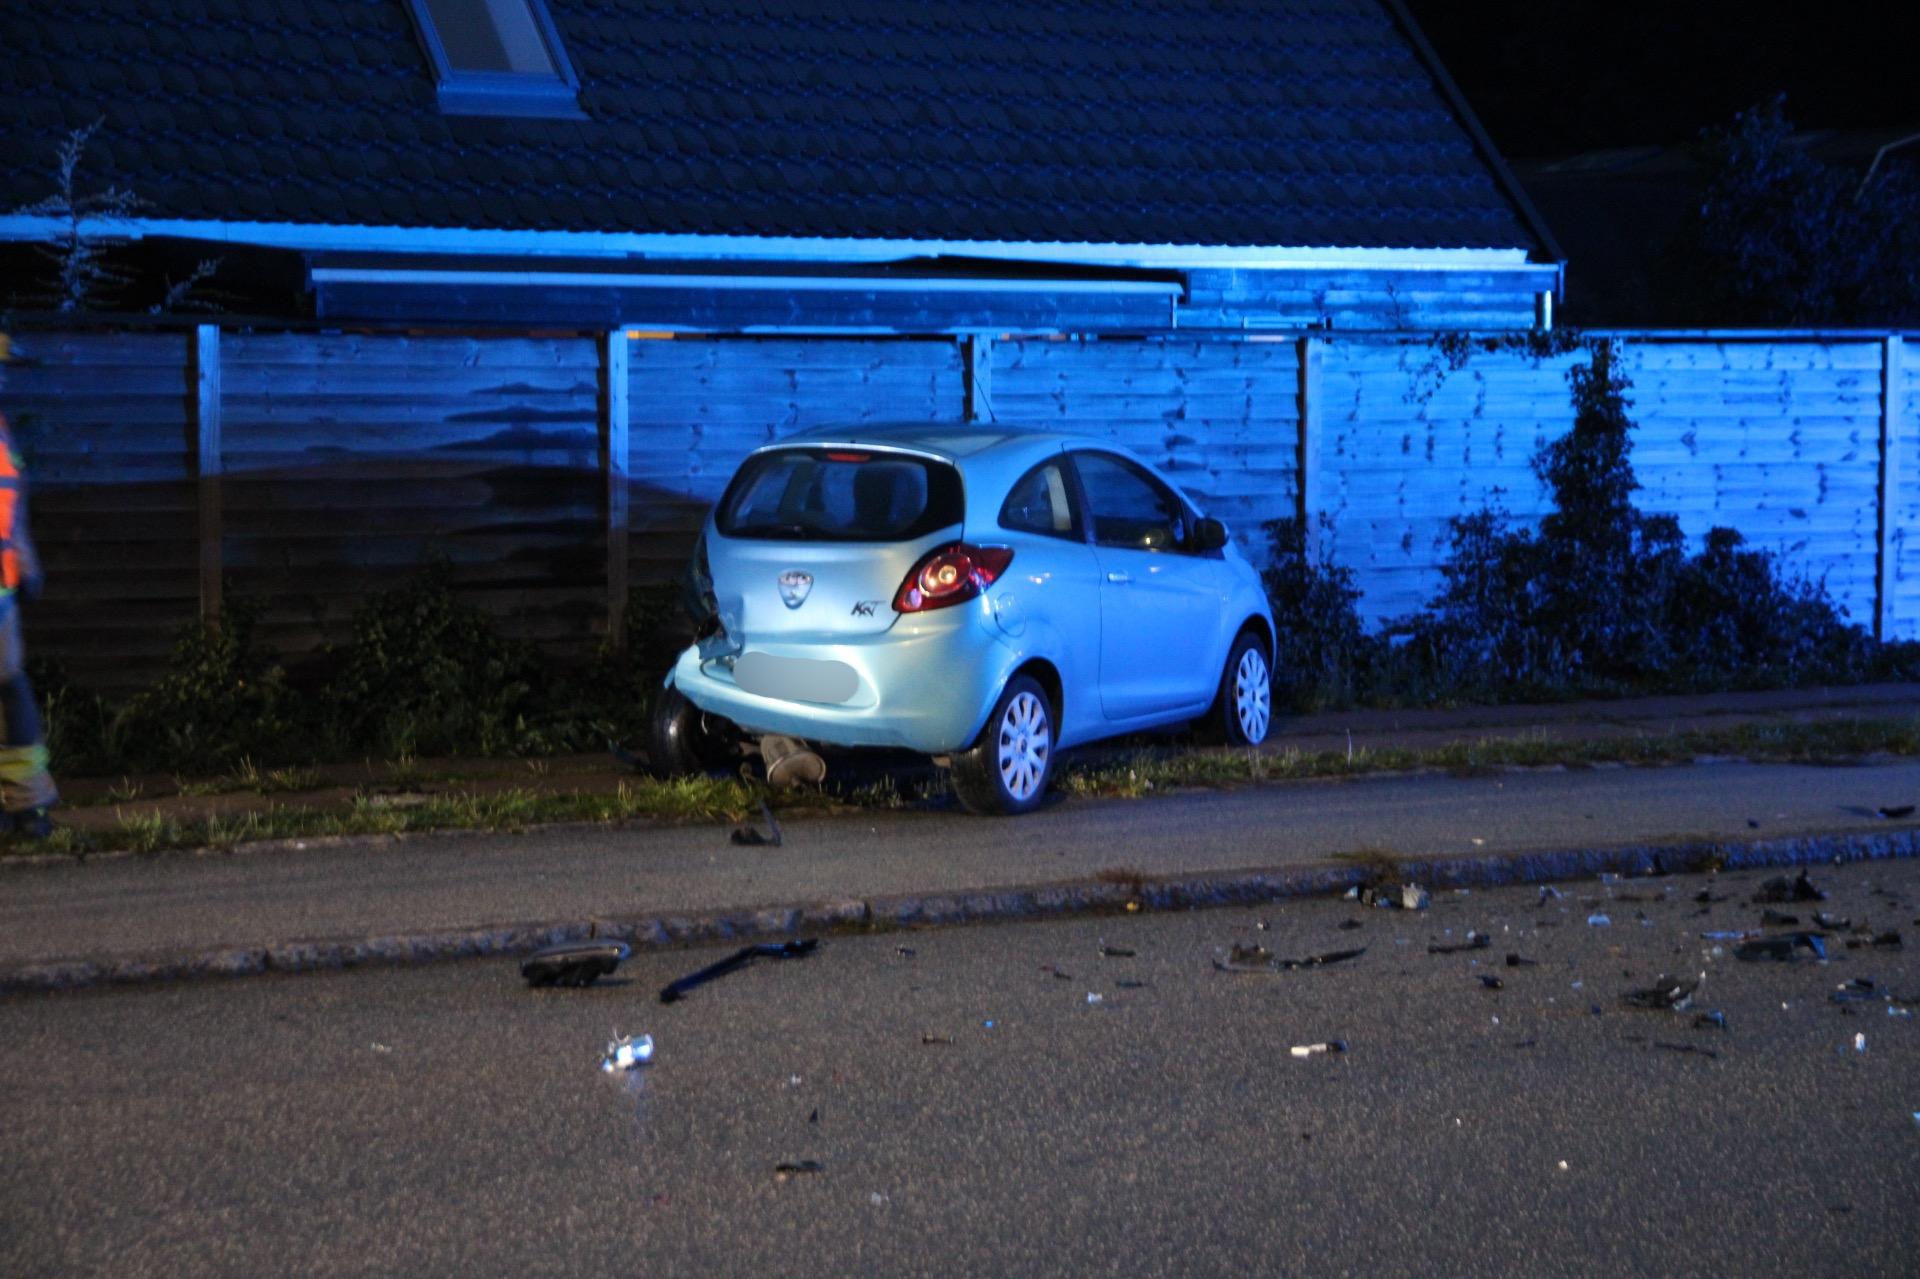 Bil påkører parkeret bil frontalt